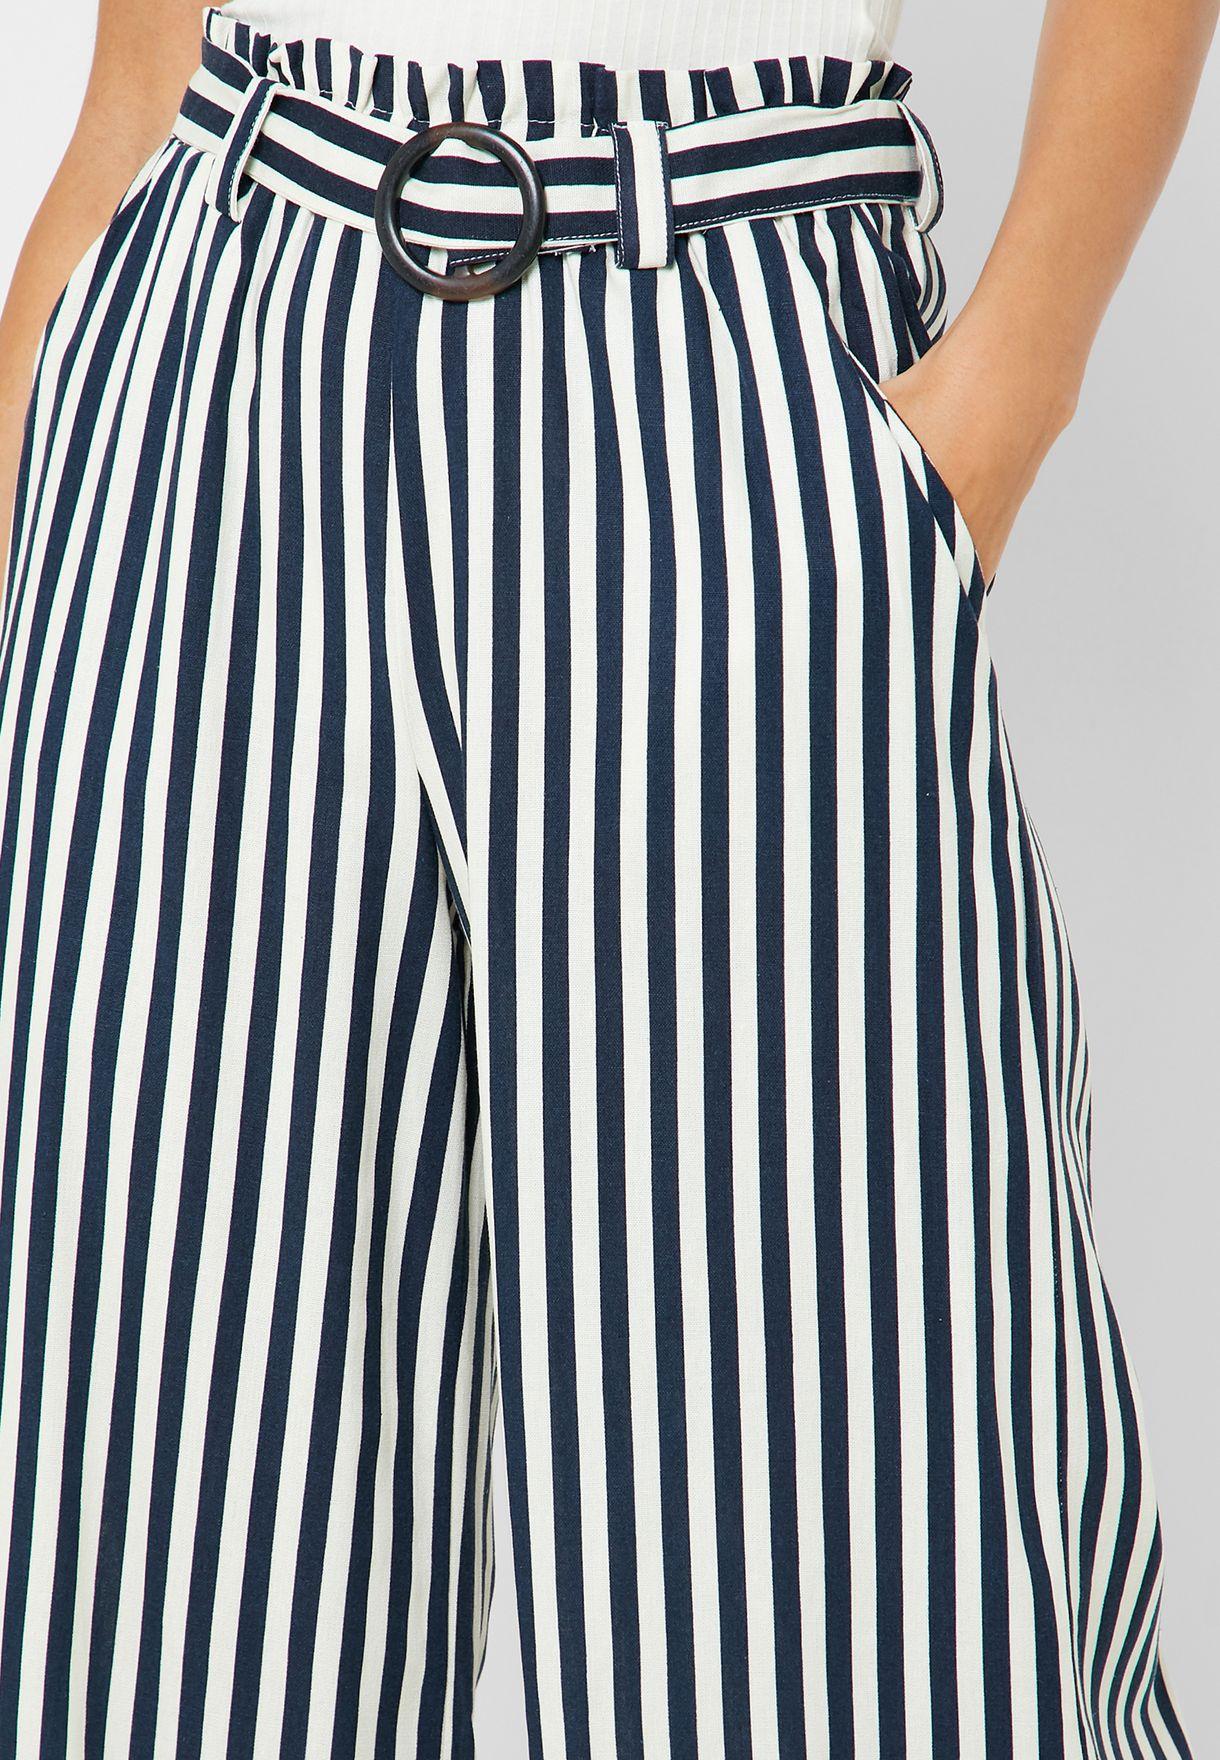 Buckle Detail Culottes Pants